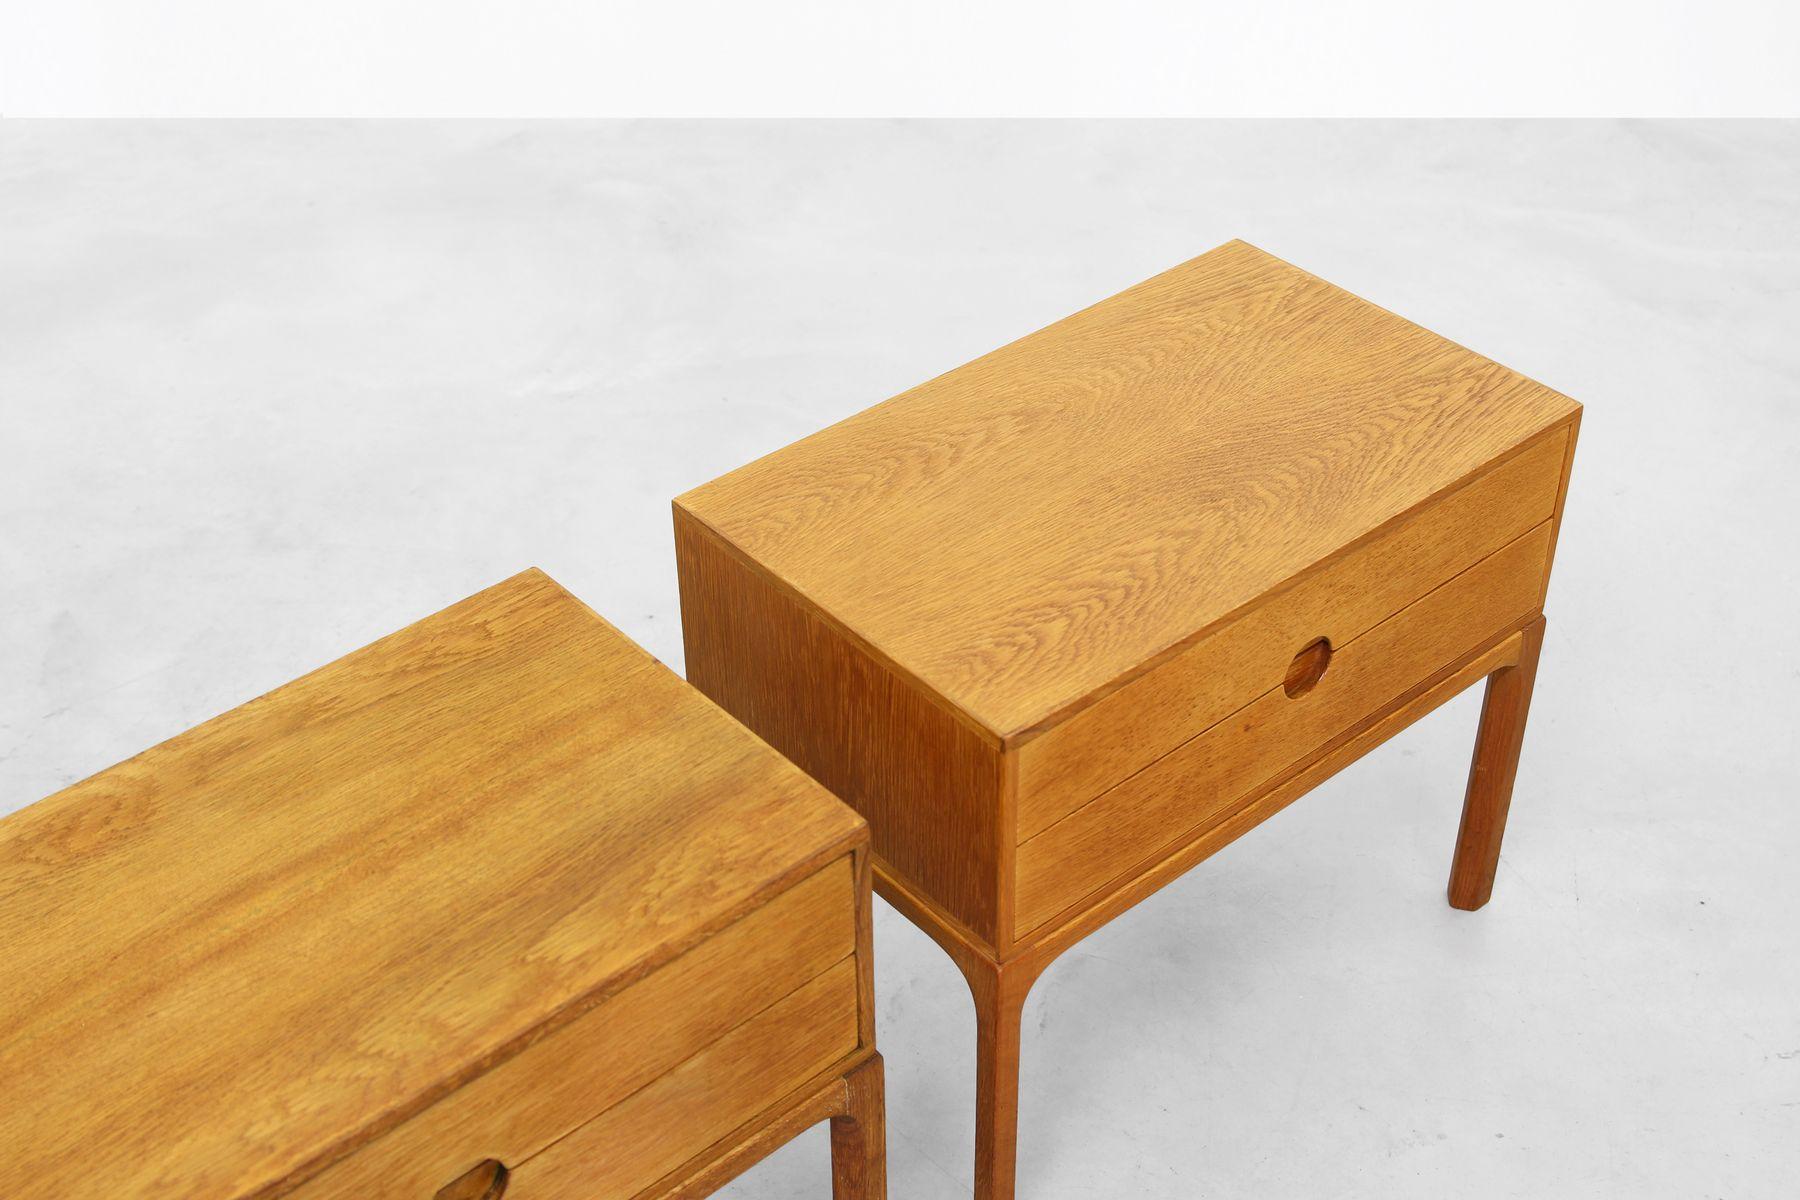 vintage schr nke von aksel kjersgaard f r odder m bler. Black Bedroom Furniture Sets. Home Design Ideas